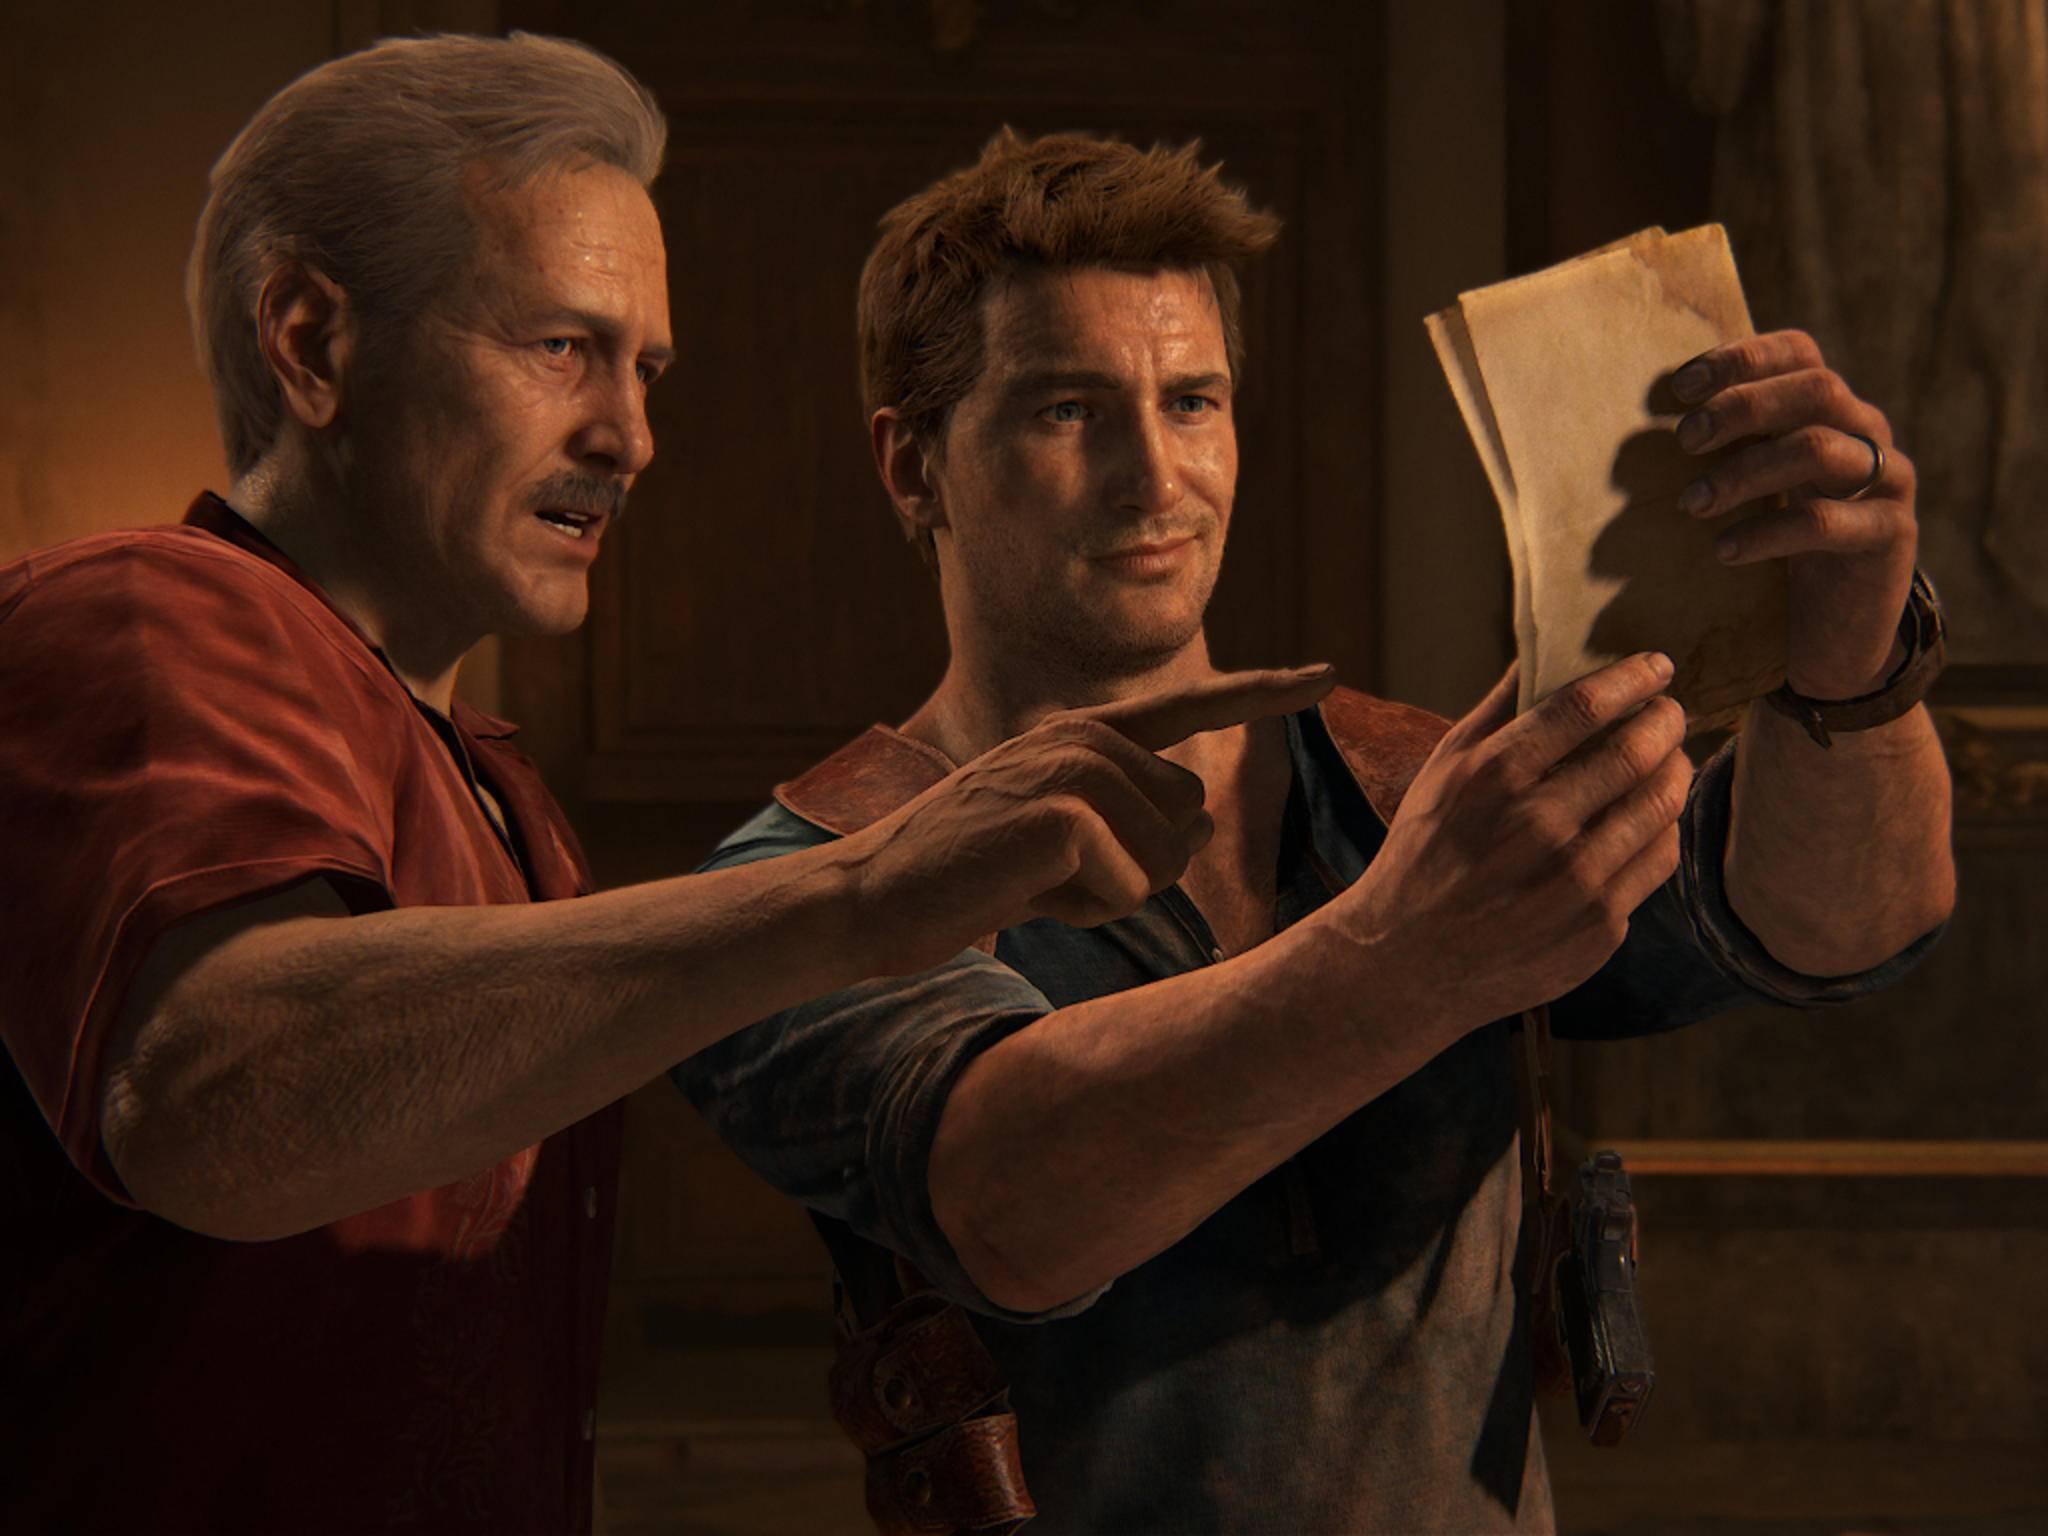 """Nathan Drakes Kumpel Sully soll auch im DLC zu """"Uncharted 4"""" eine große Rolle spielen."""